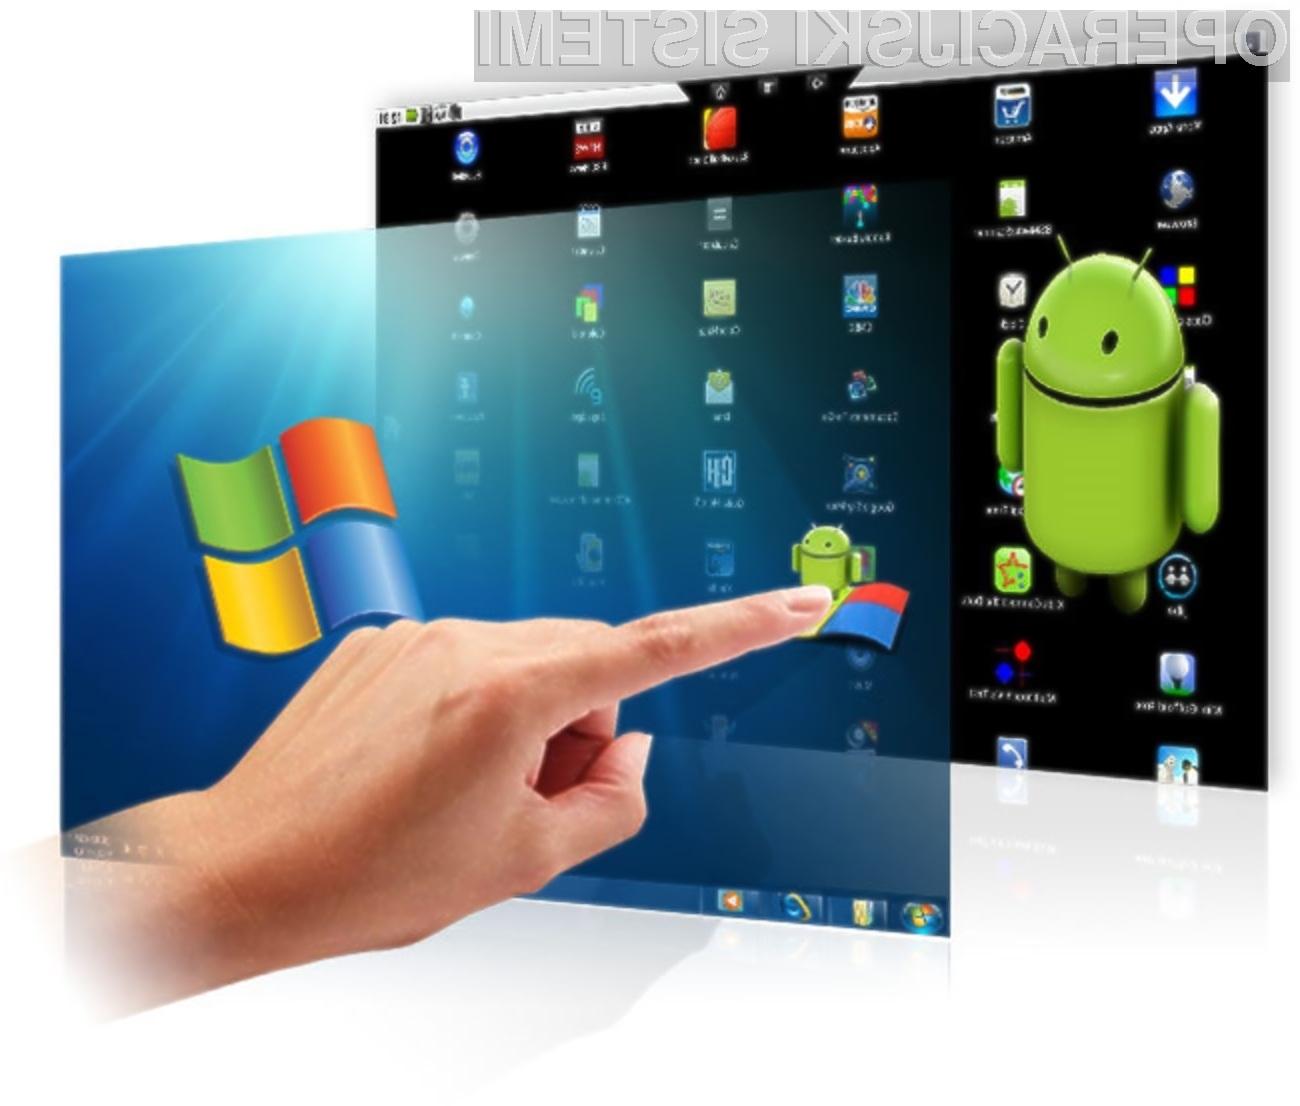 Aplikacije za Android bomo lahko brez večji težav poganjali na v operacijskem sistemu Windows 8.